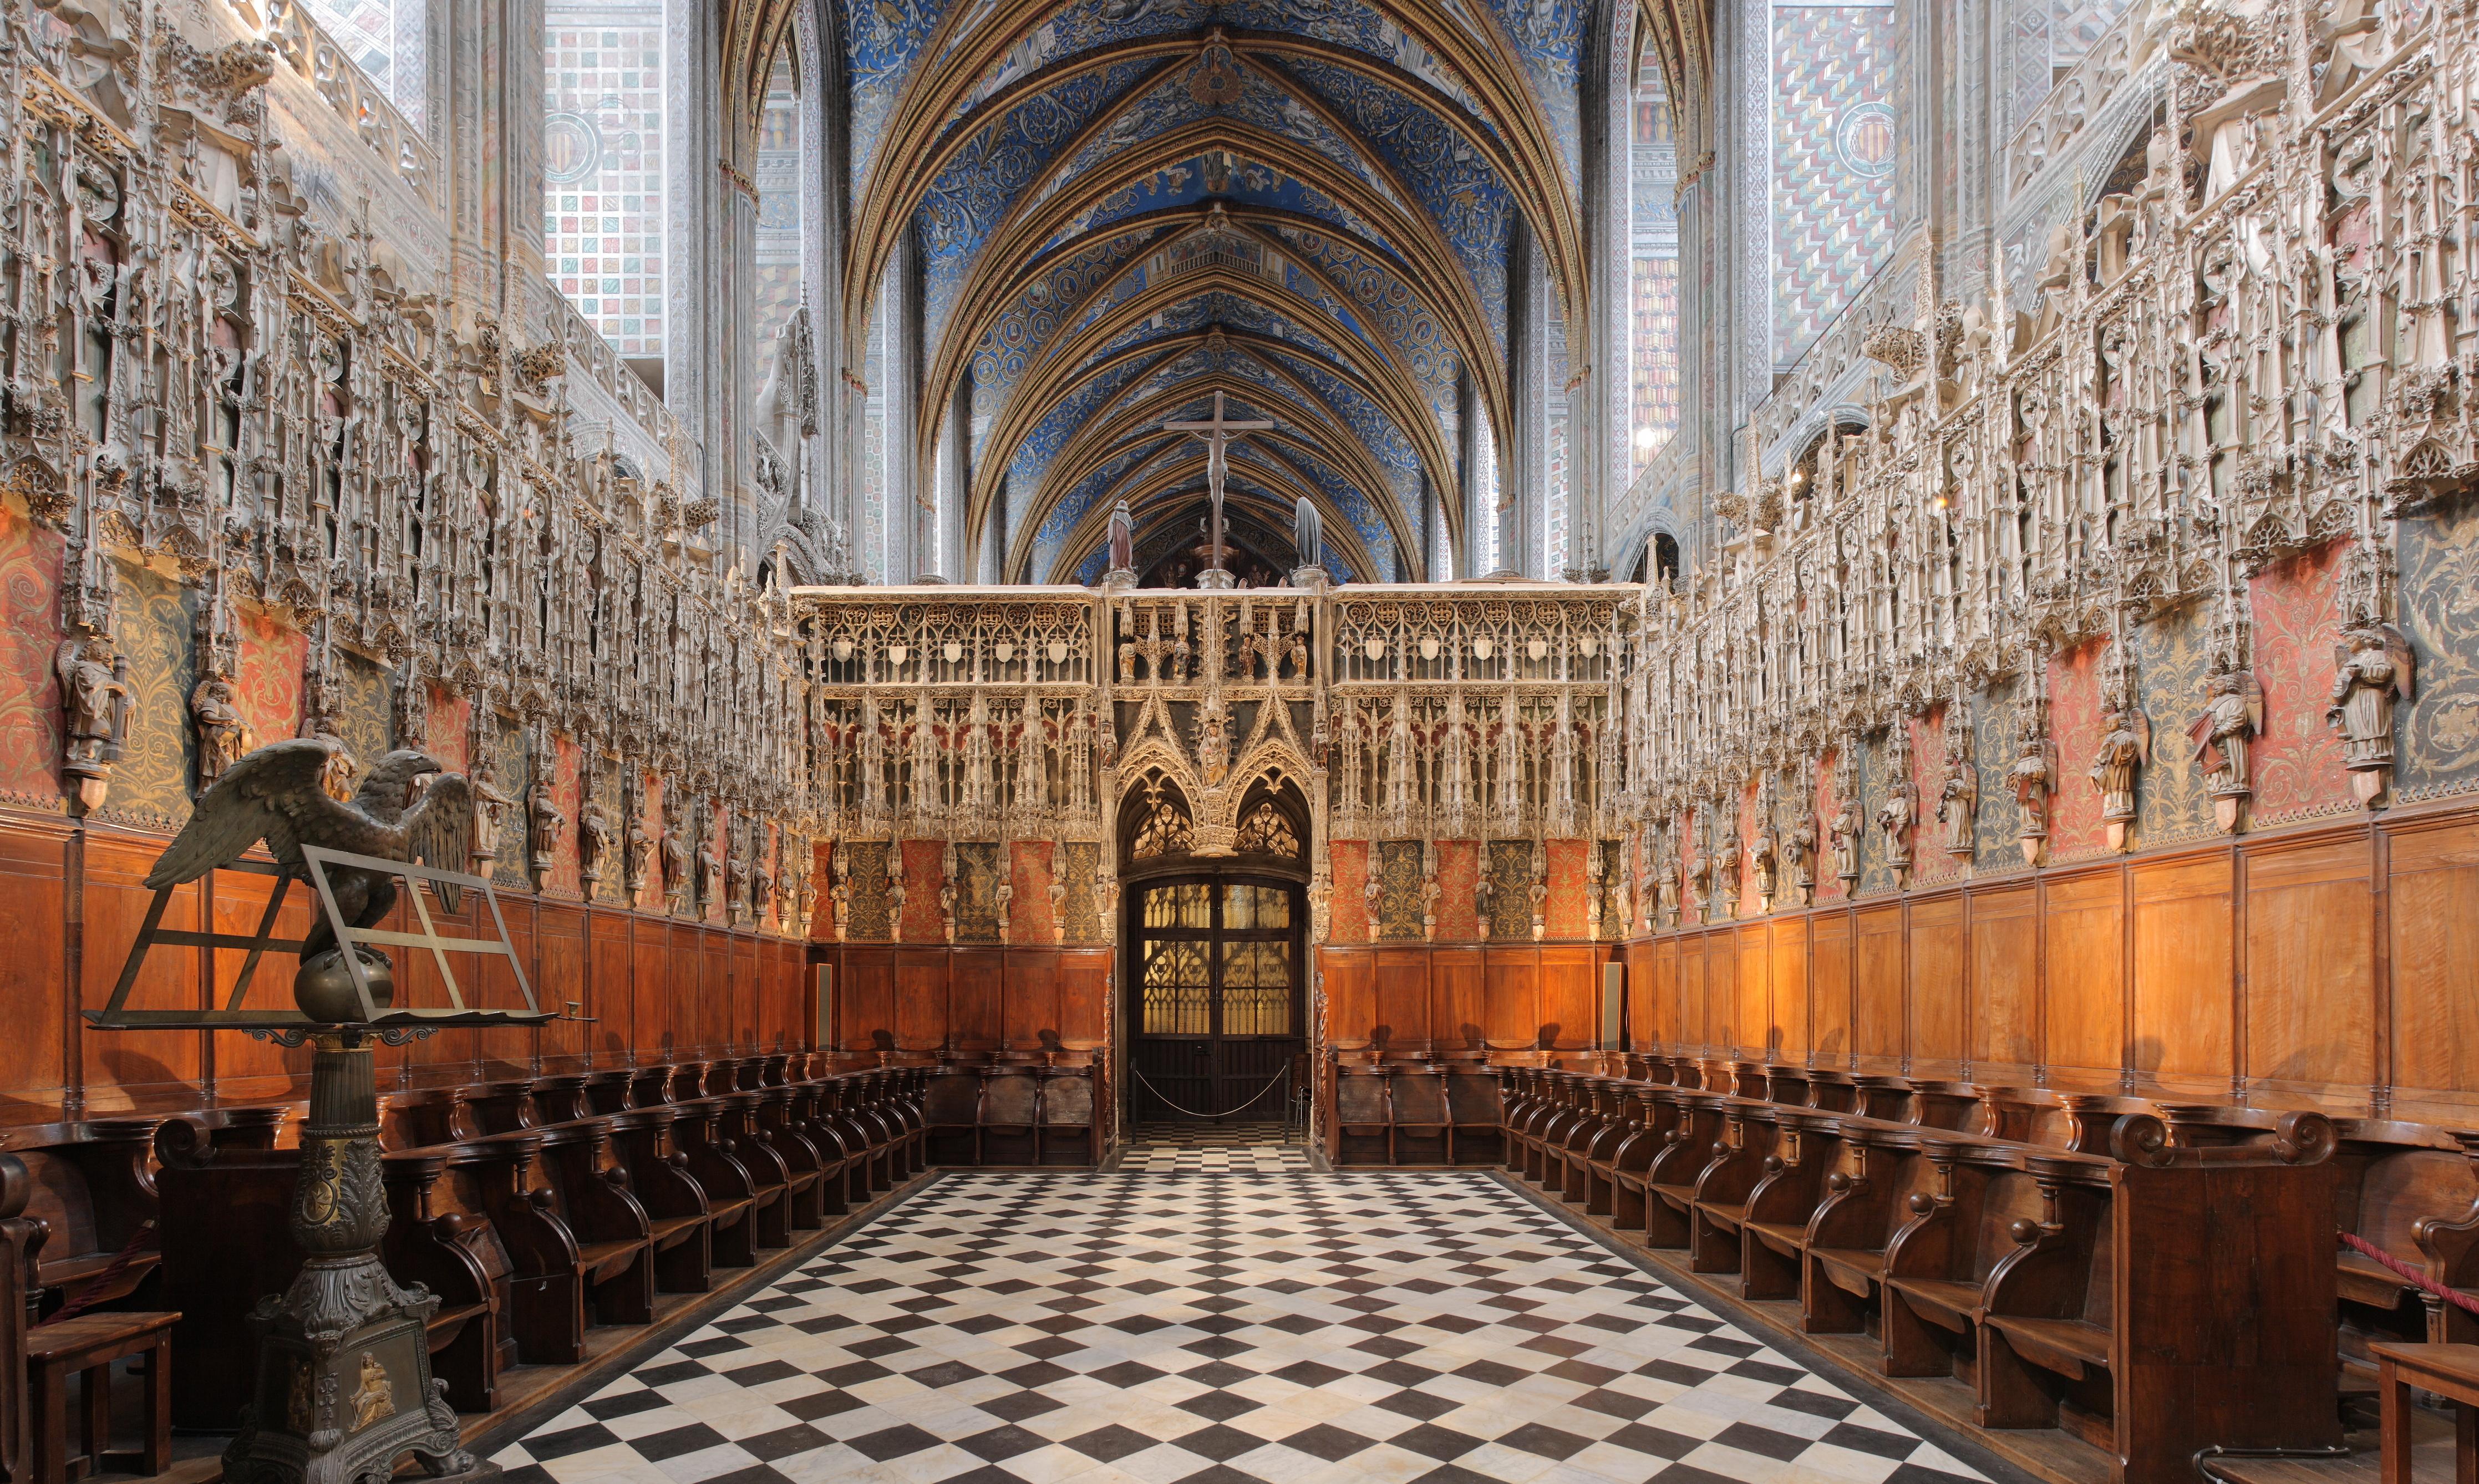 Chœur de la cathédrale Sainte-Cécile d'Albi.